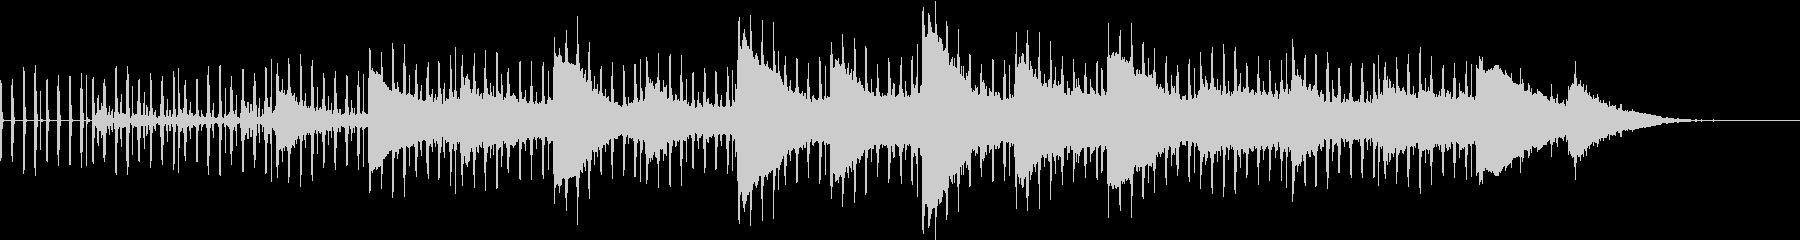 平坦な調子の打ち込み曲の未再生の波形